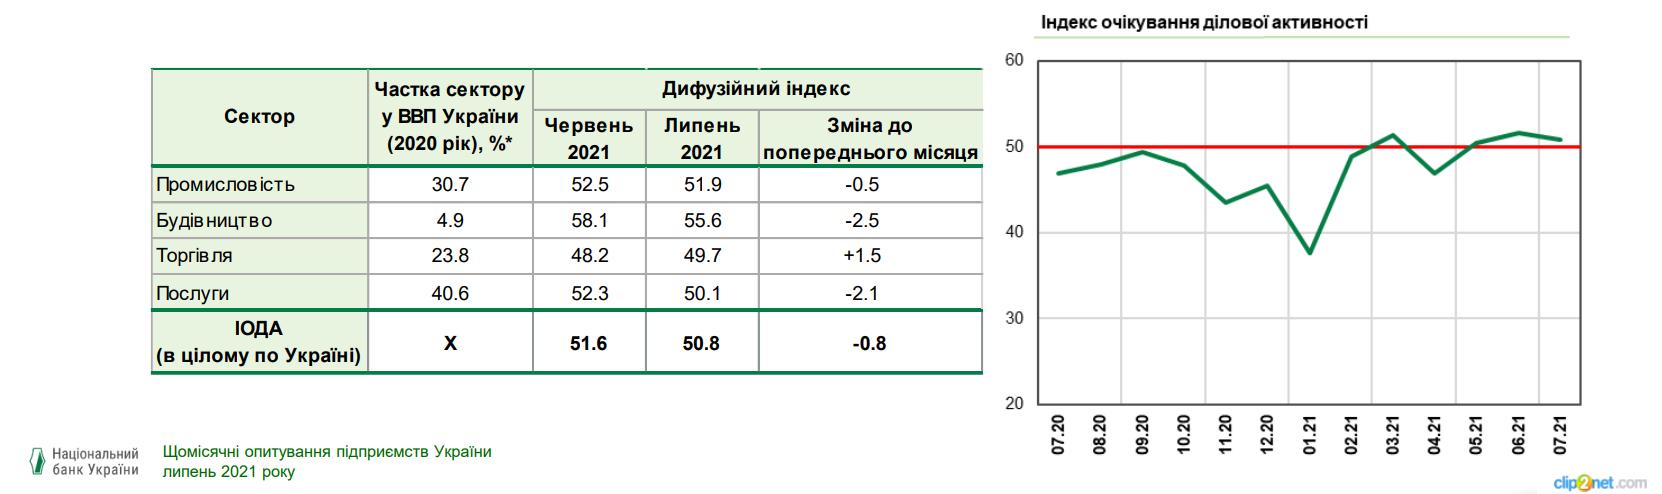 Откат оптимизма: бизнес снизил ожидания деловой активности – индекс НБУ